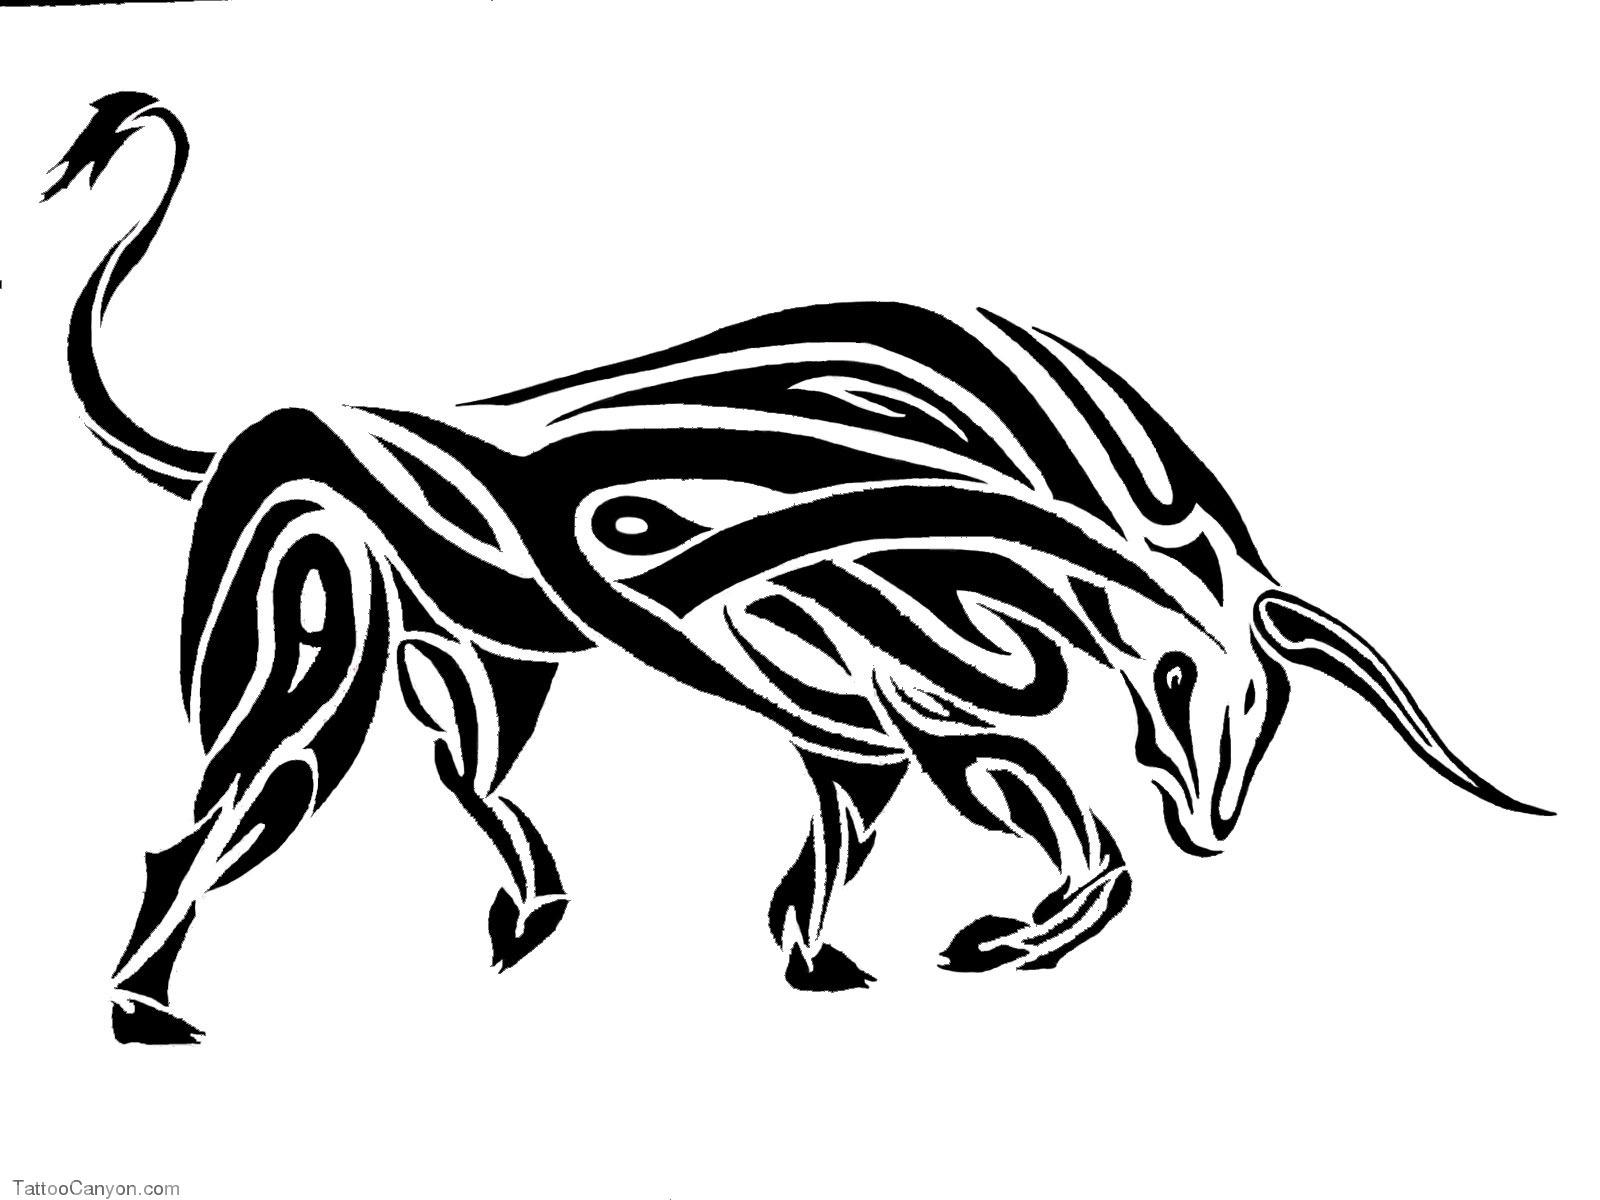 Drawn bull tribal Images on best tribal bull